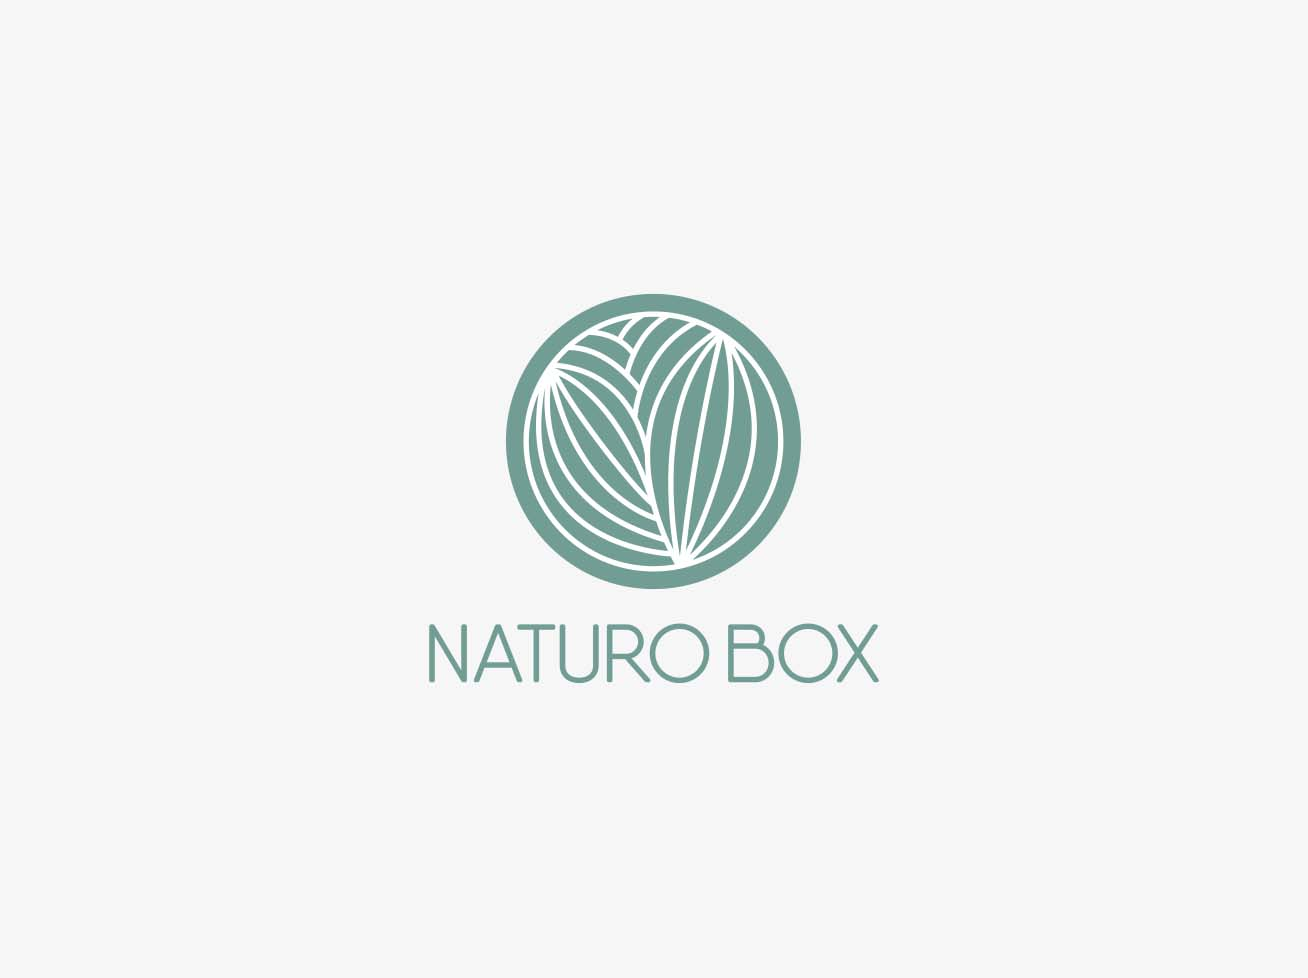 Naturo